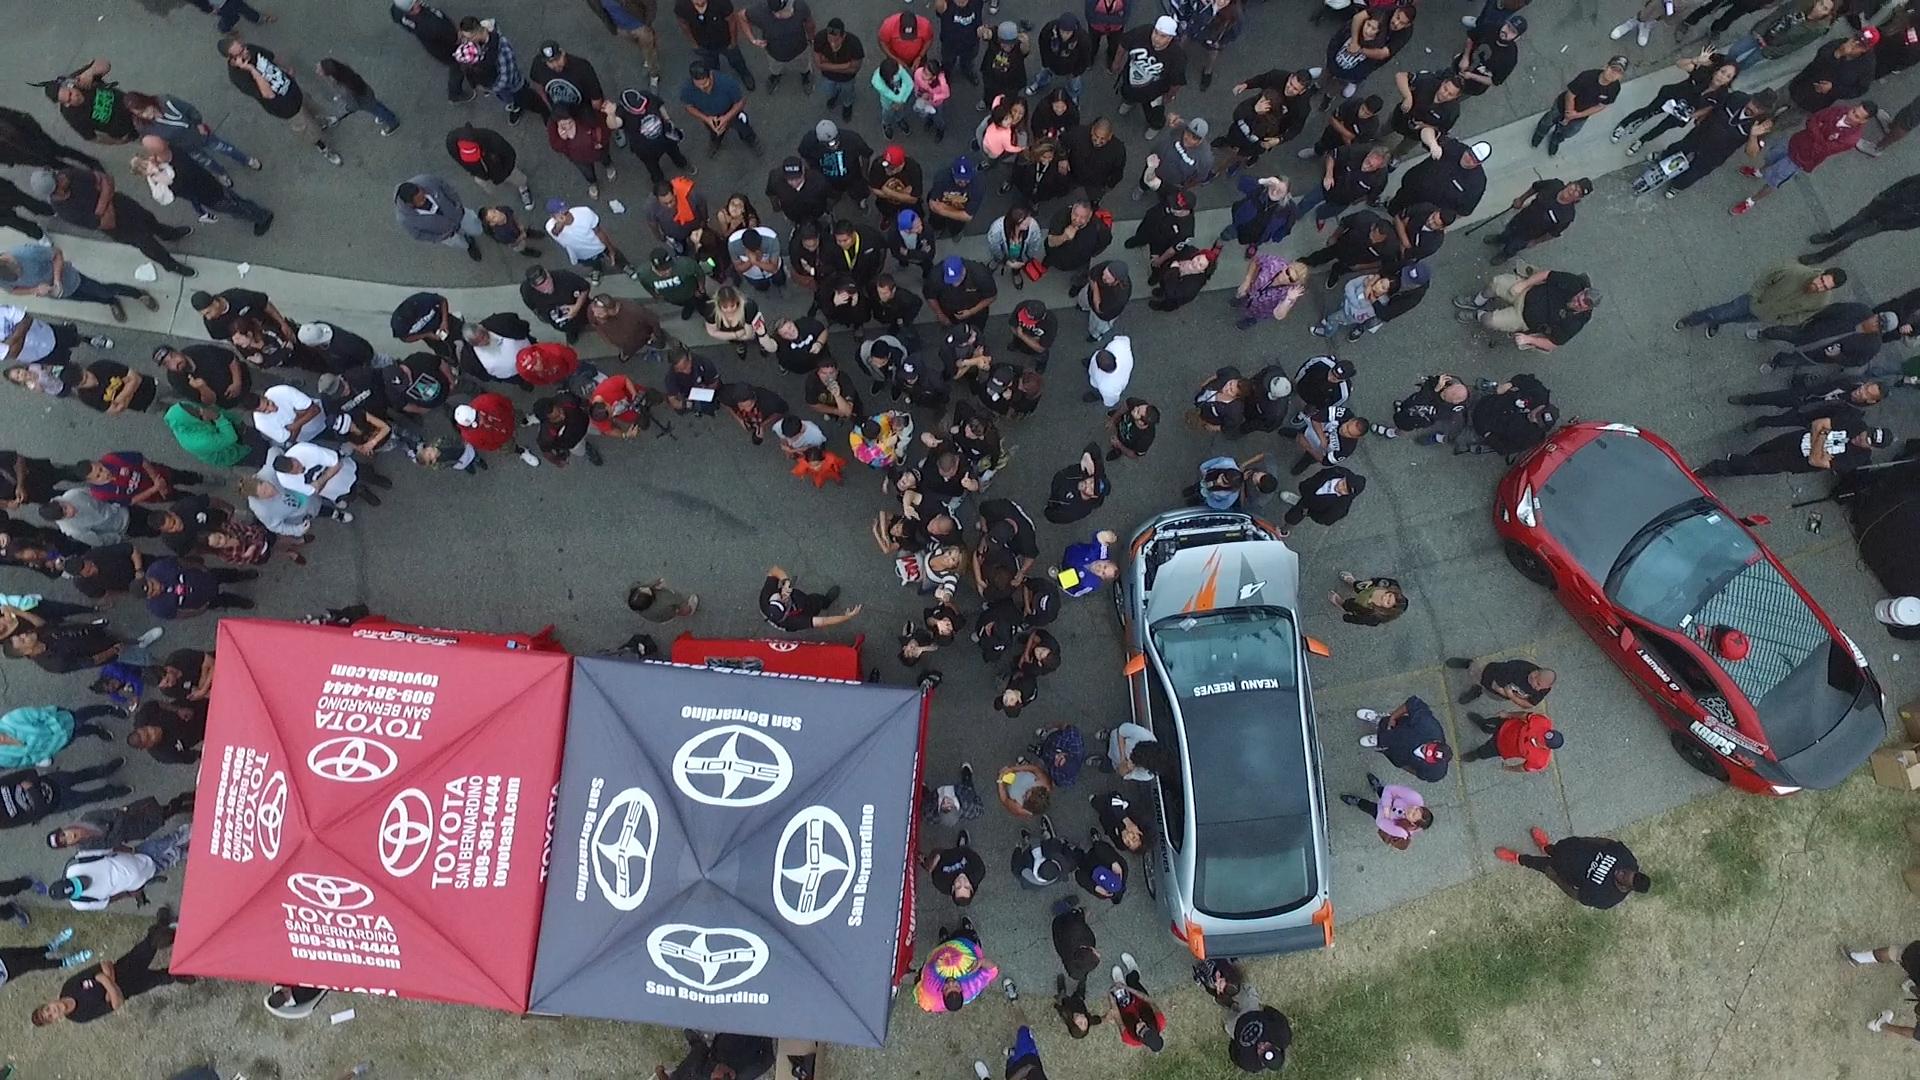 SKO 3 Aerial Shot of Crowd